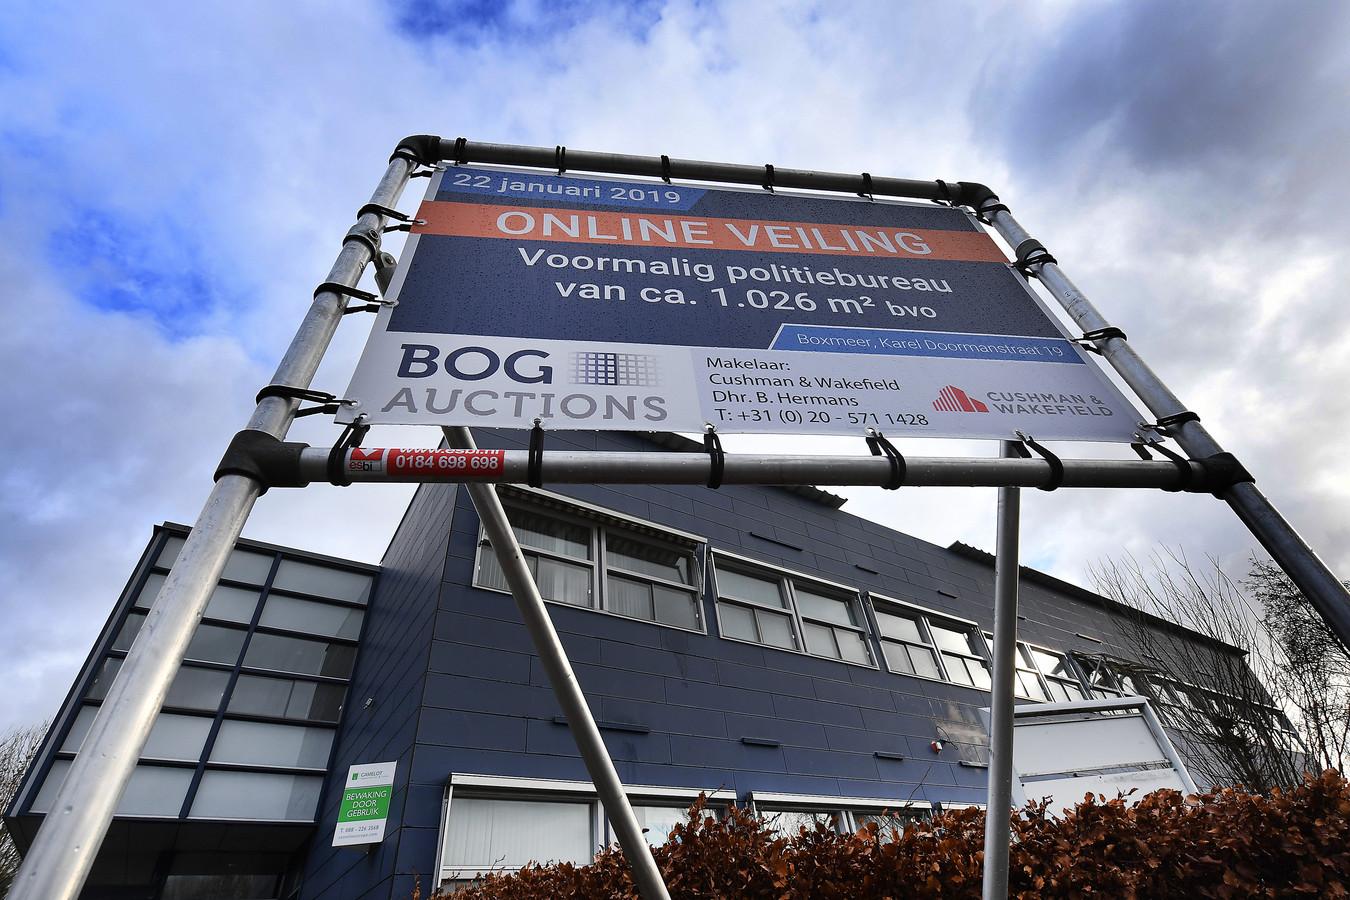 Het oude politiebureau van Boxmeer, vlak voor de veiling begin dit jaar.